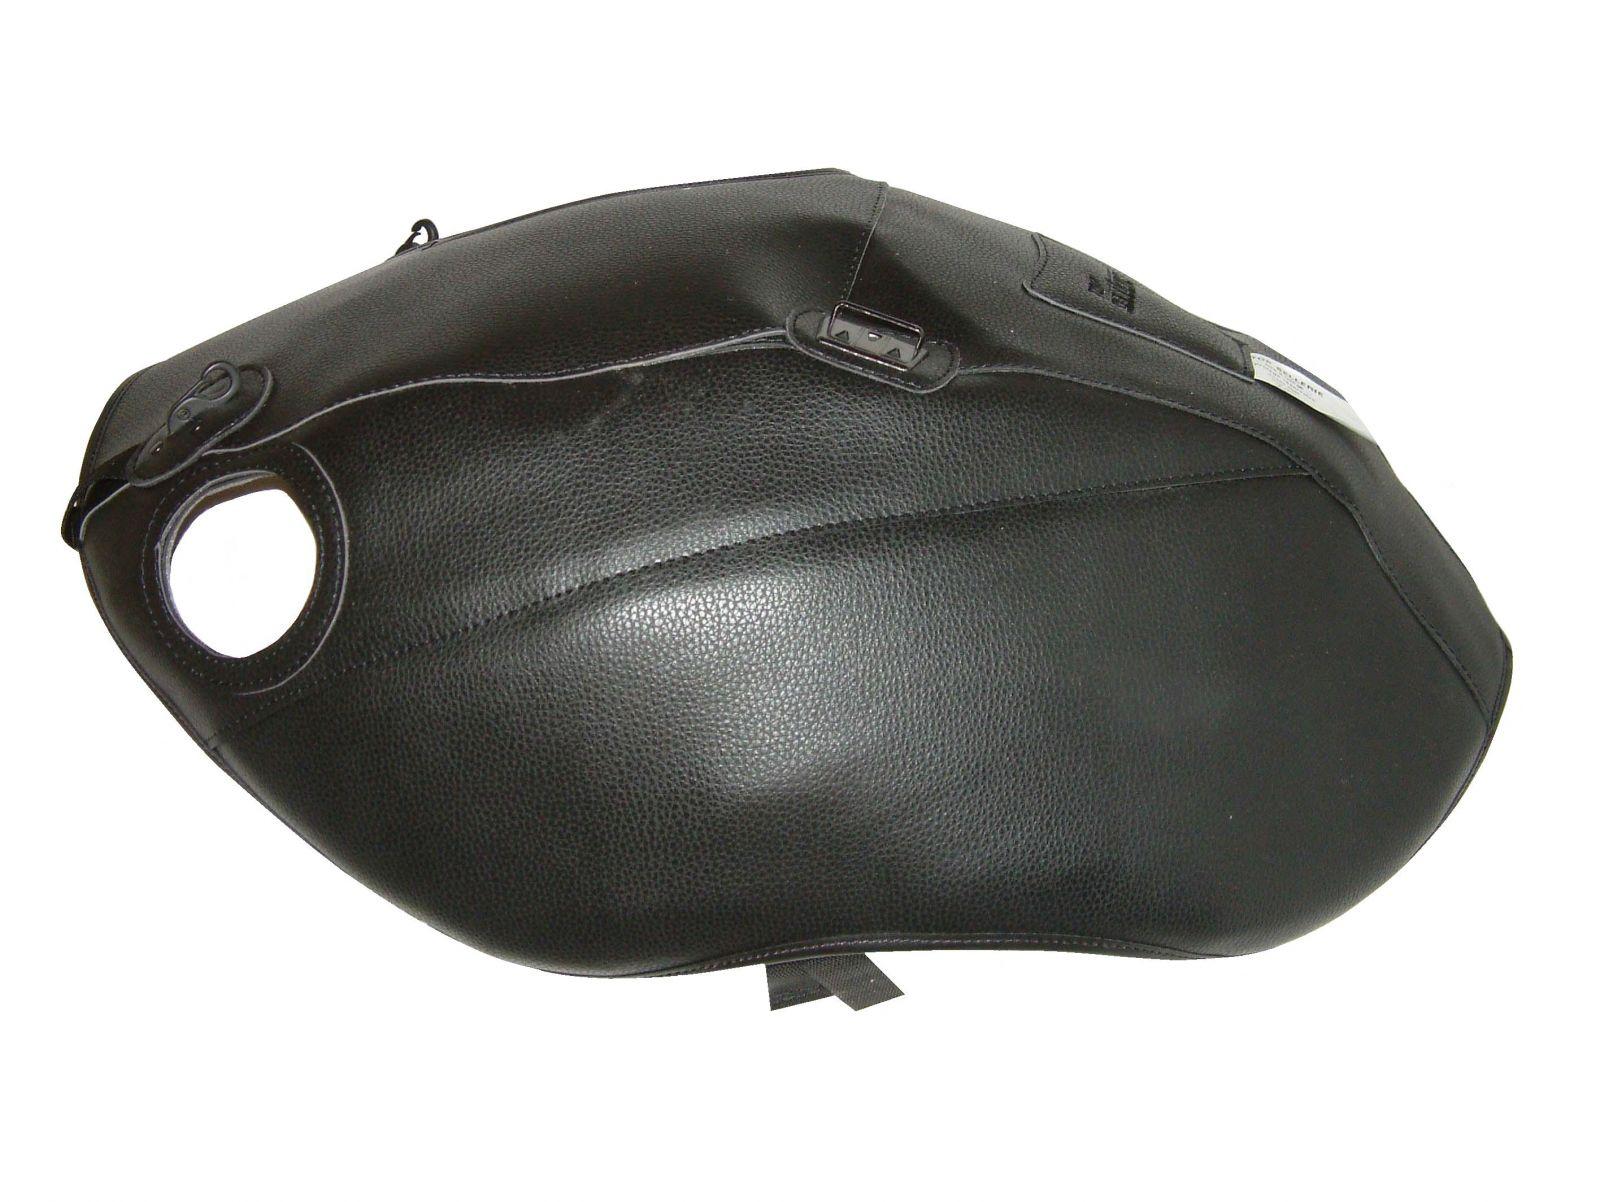 Capa de depósito TPR4907 - BMW R 1200 C [≥ 1997]